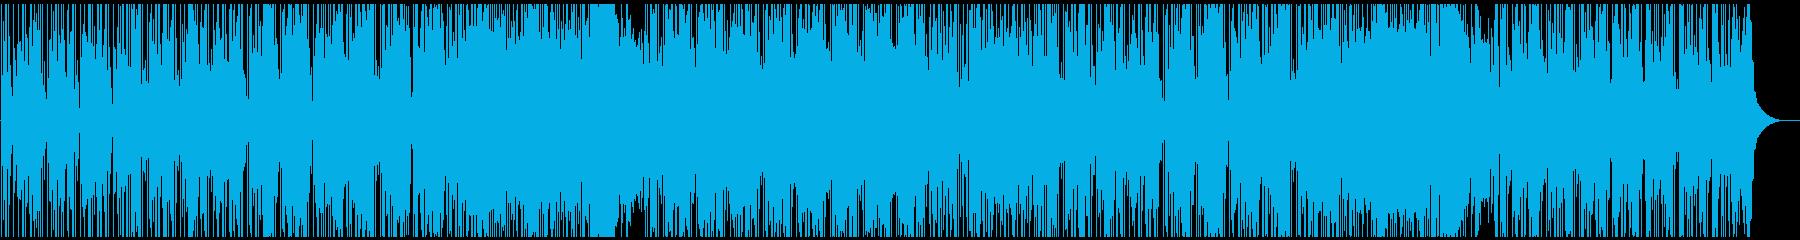 スタイリッシュなギターロックファンクの再生済みの波形